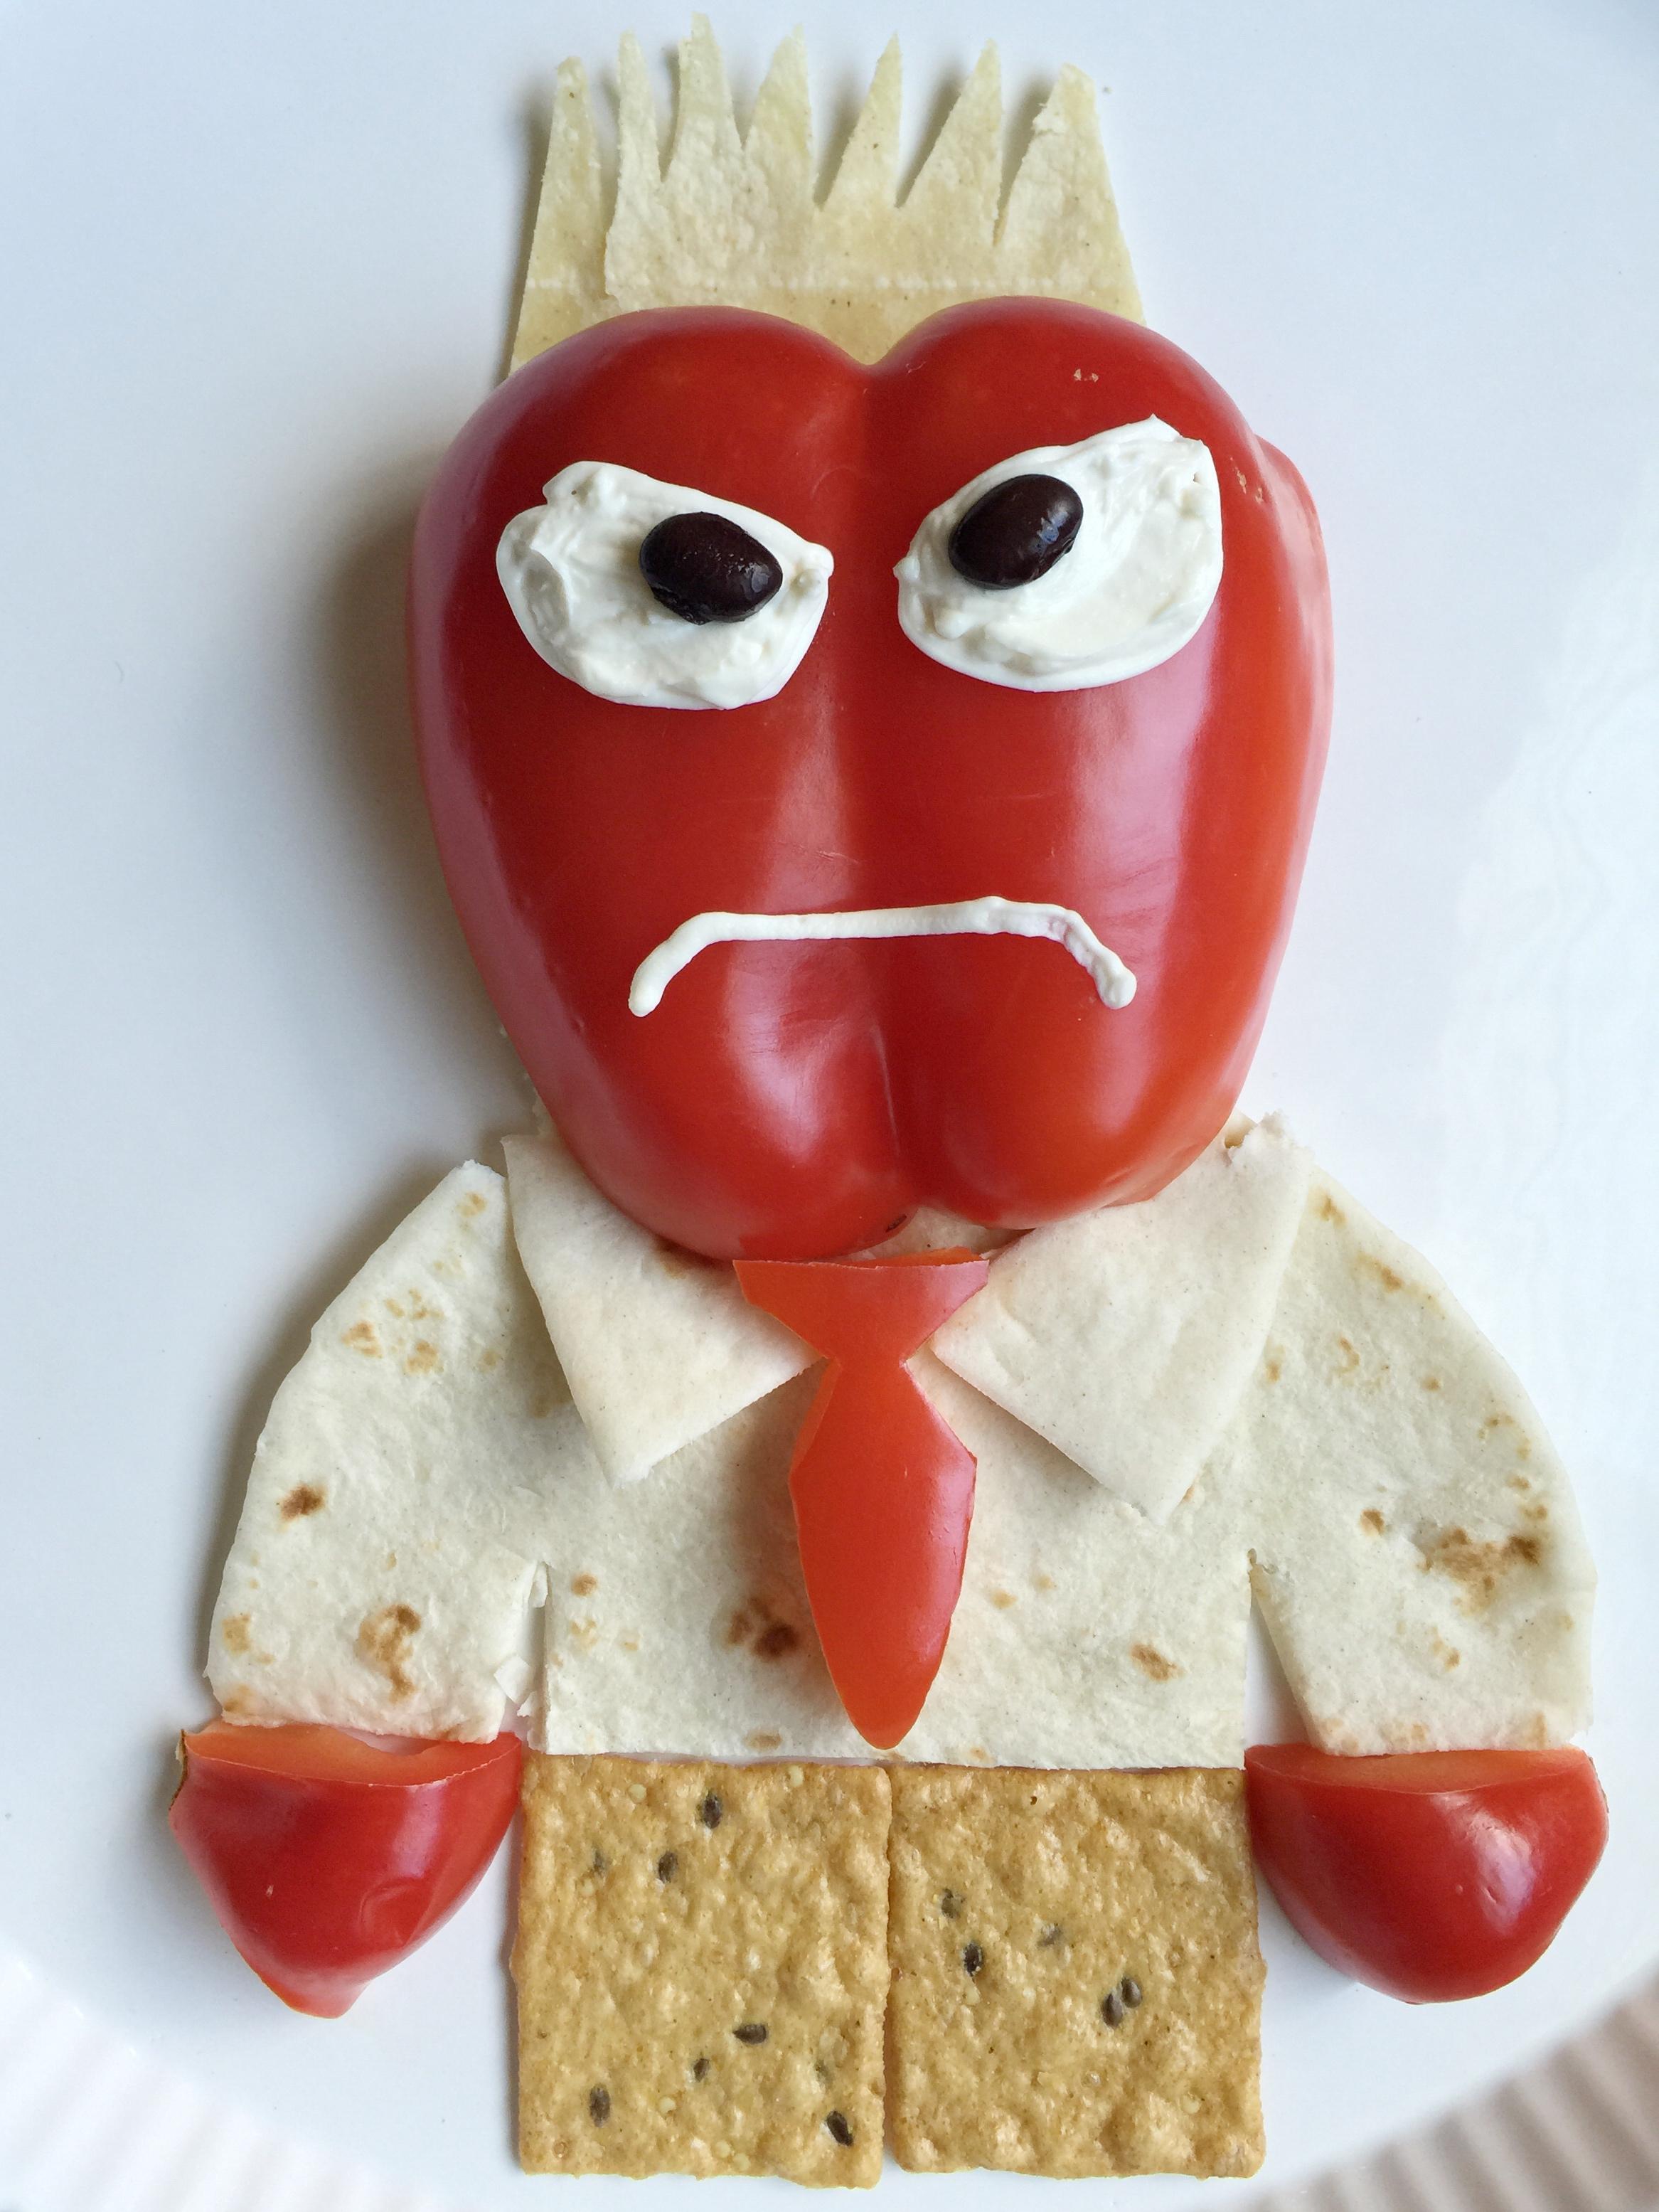 Disney PIXAR Inside Out Anger Snack